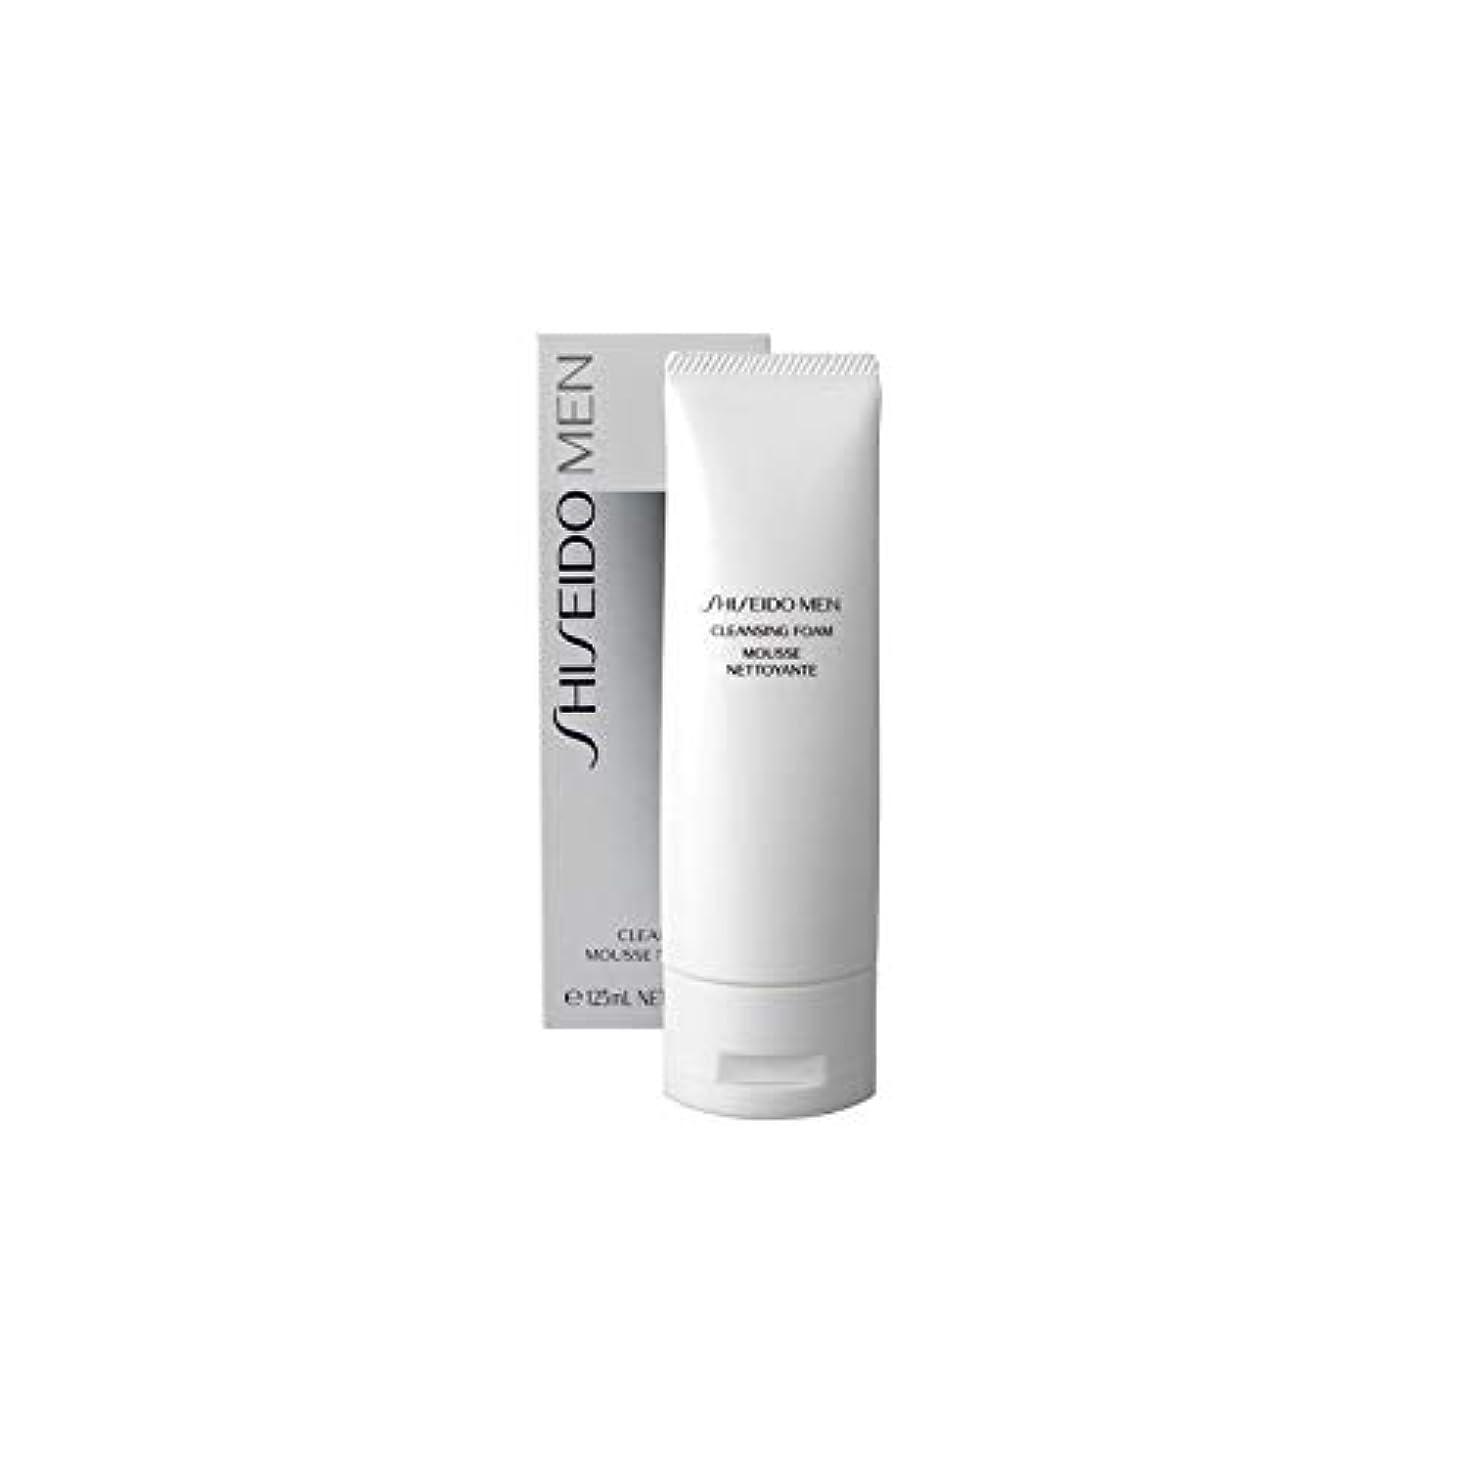 発送呪われた束ねる[Shiseido] 資生堂は、クレンジングフォーム(125ミリリットル)をメンズ - Shiseido Mens Cleansing Foam (125ml) [並行輸入品]